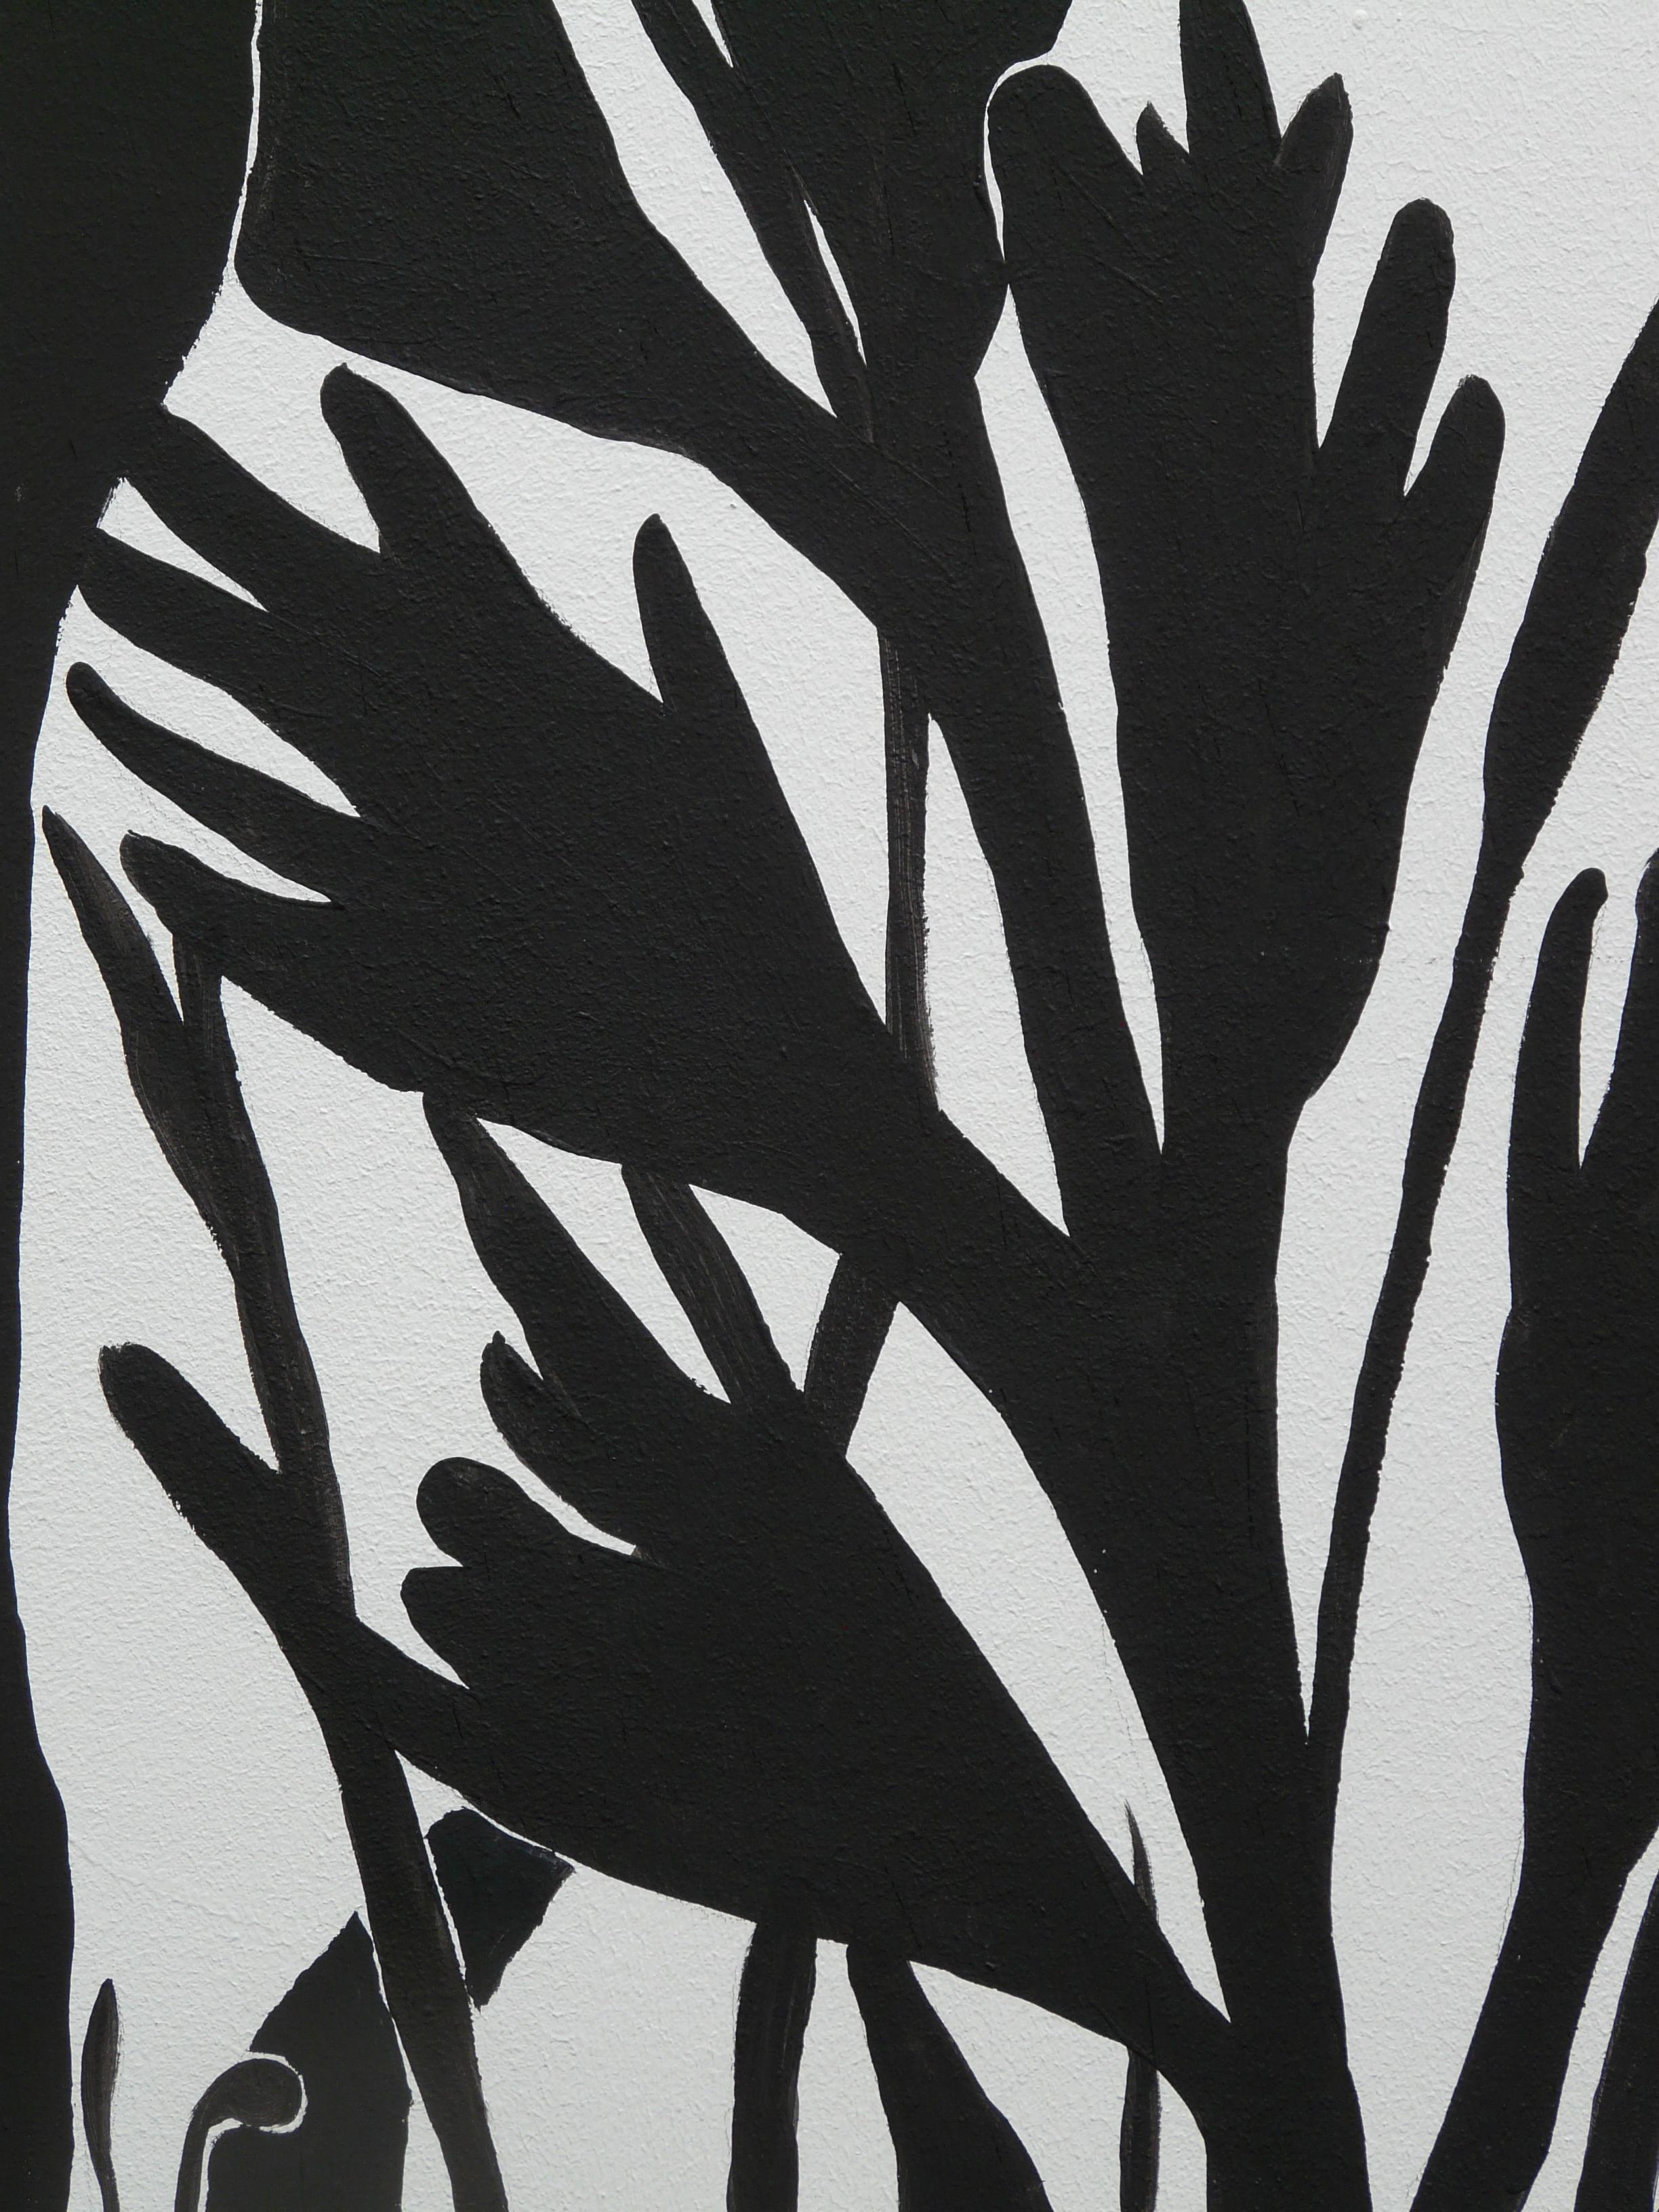 Images Gratuites Main Silhouette Abstrait Noir Et Blanc Plante